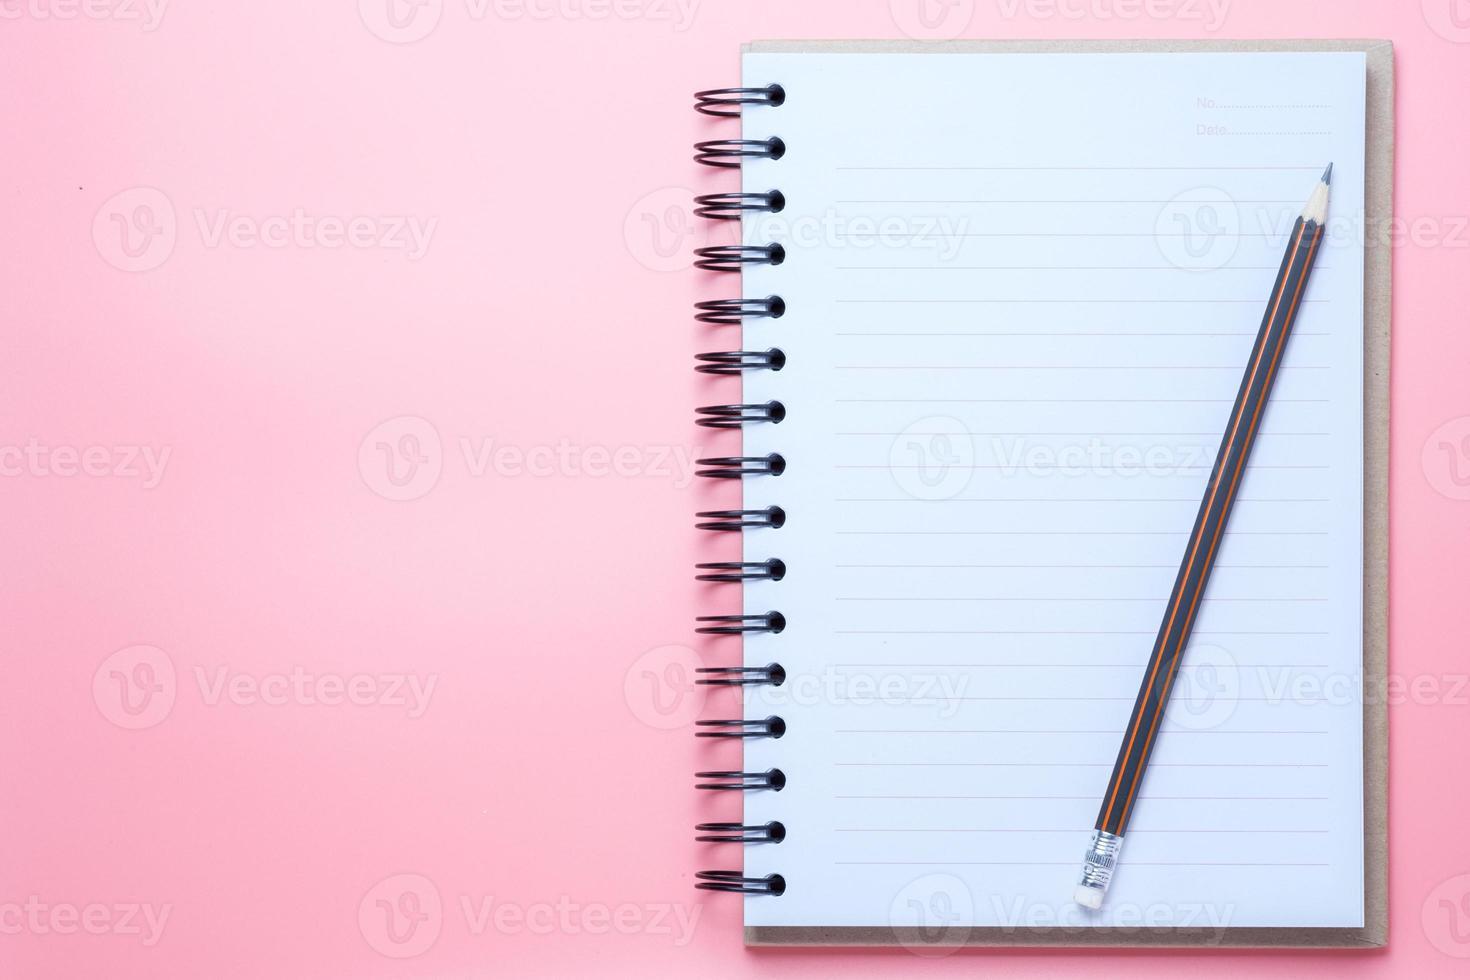 caderno e lápis em fundo rosa foto